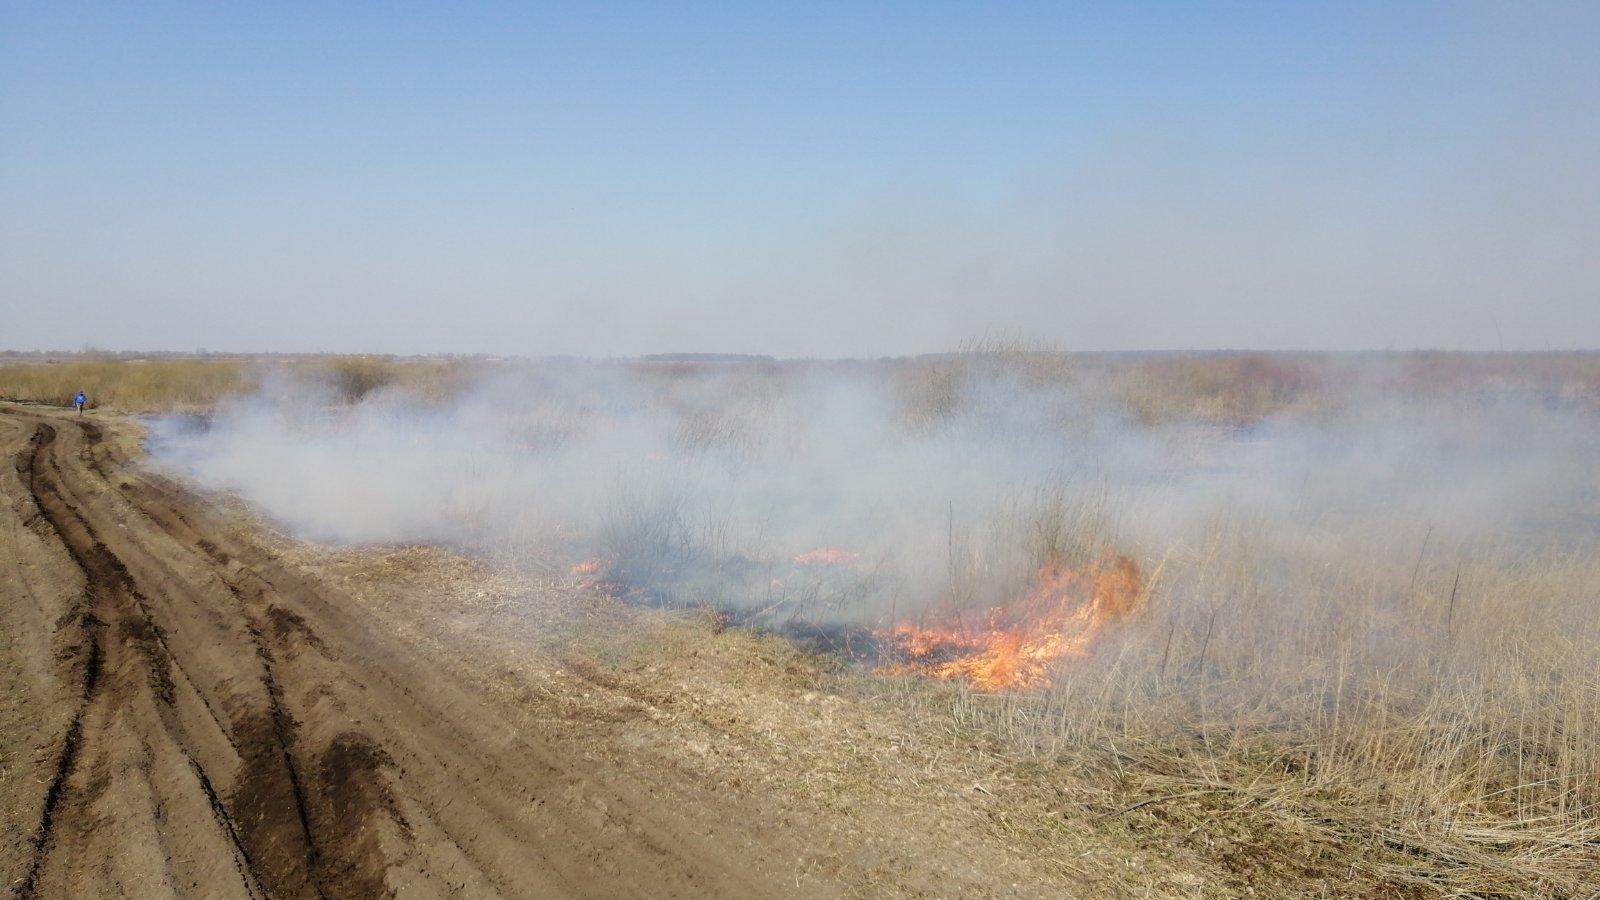 На Броварщині горять торфовища: пожежу локалізовано, ліквідація триває -  - IMG 524d2c9d128da04235bfd54e33e911ef V